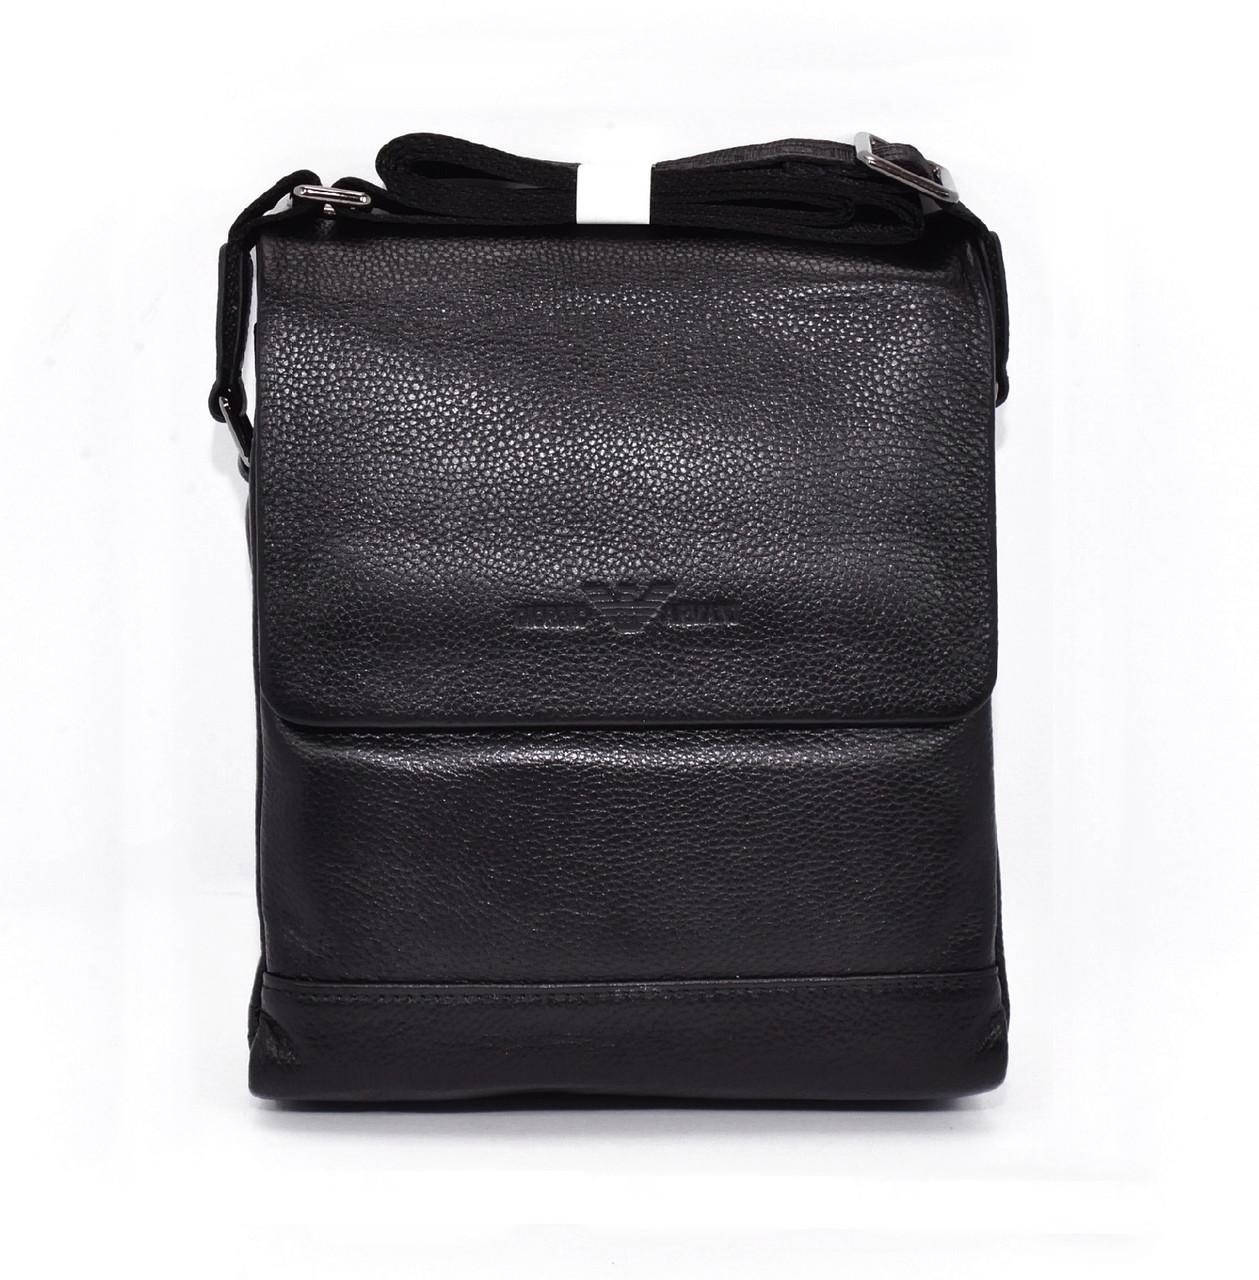 Сумка мужская средняя кожаная планшет черная Giorgio Armani 7911-2